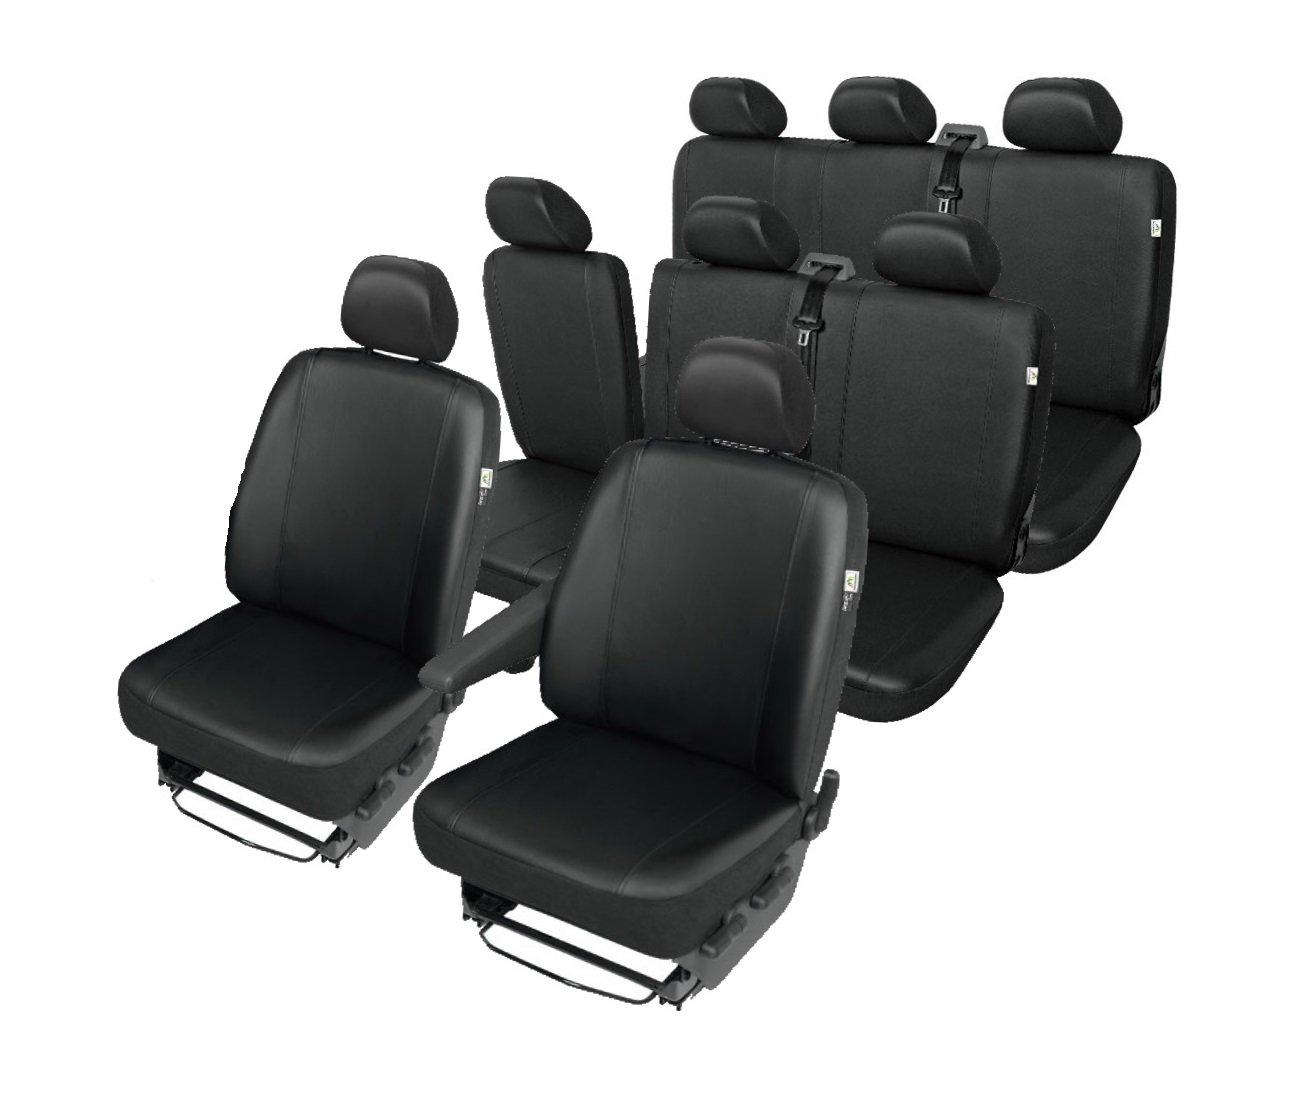 Practical KB-DV1M1M-1M2XL-3-05 Universal BUS-Transporter Sitzbez/üge f/ür die Vordersitze Kegel-Blazusiak